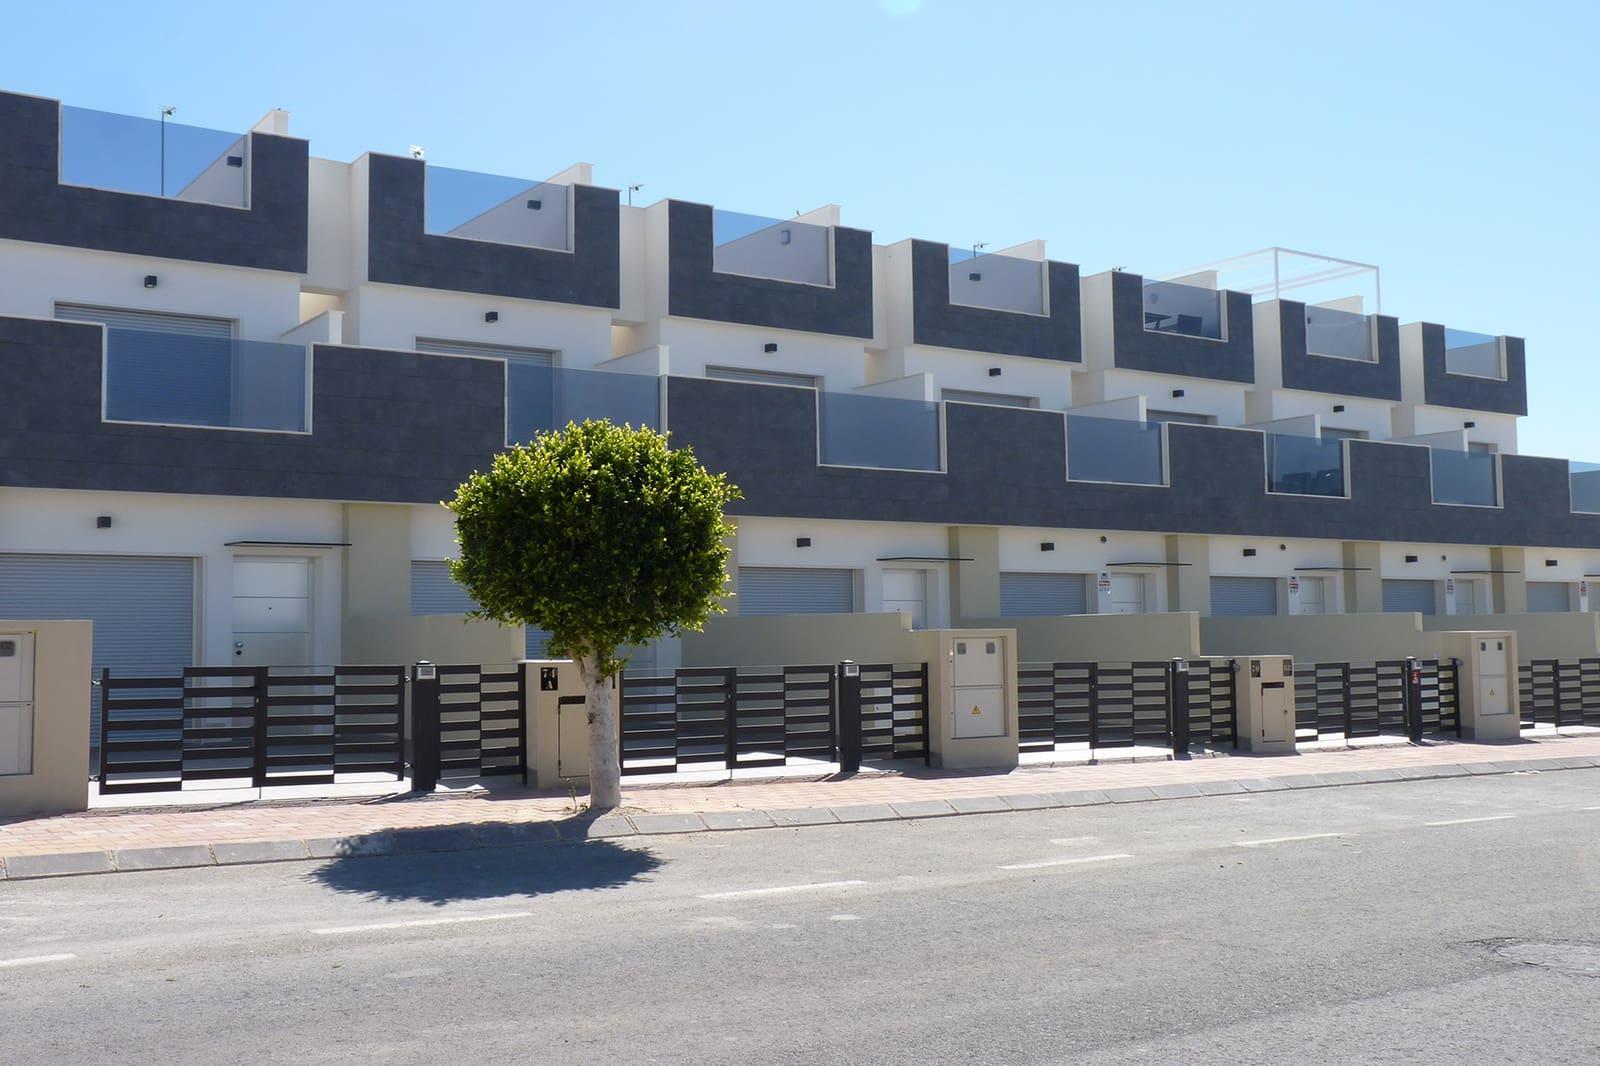 Casa de 3 habitaciones en Pilar de la Horadada en venta con piscina - 230.000 € (Ref: 4396887)